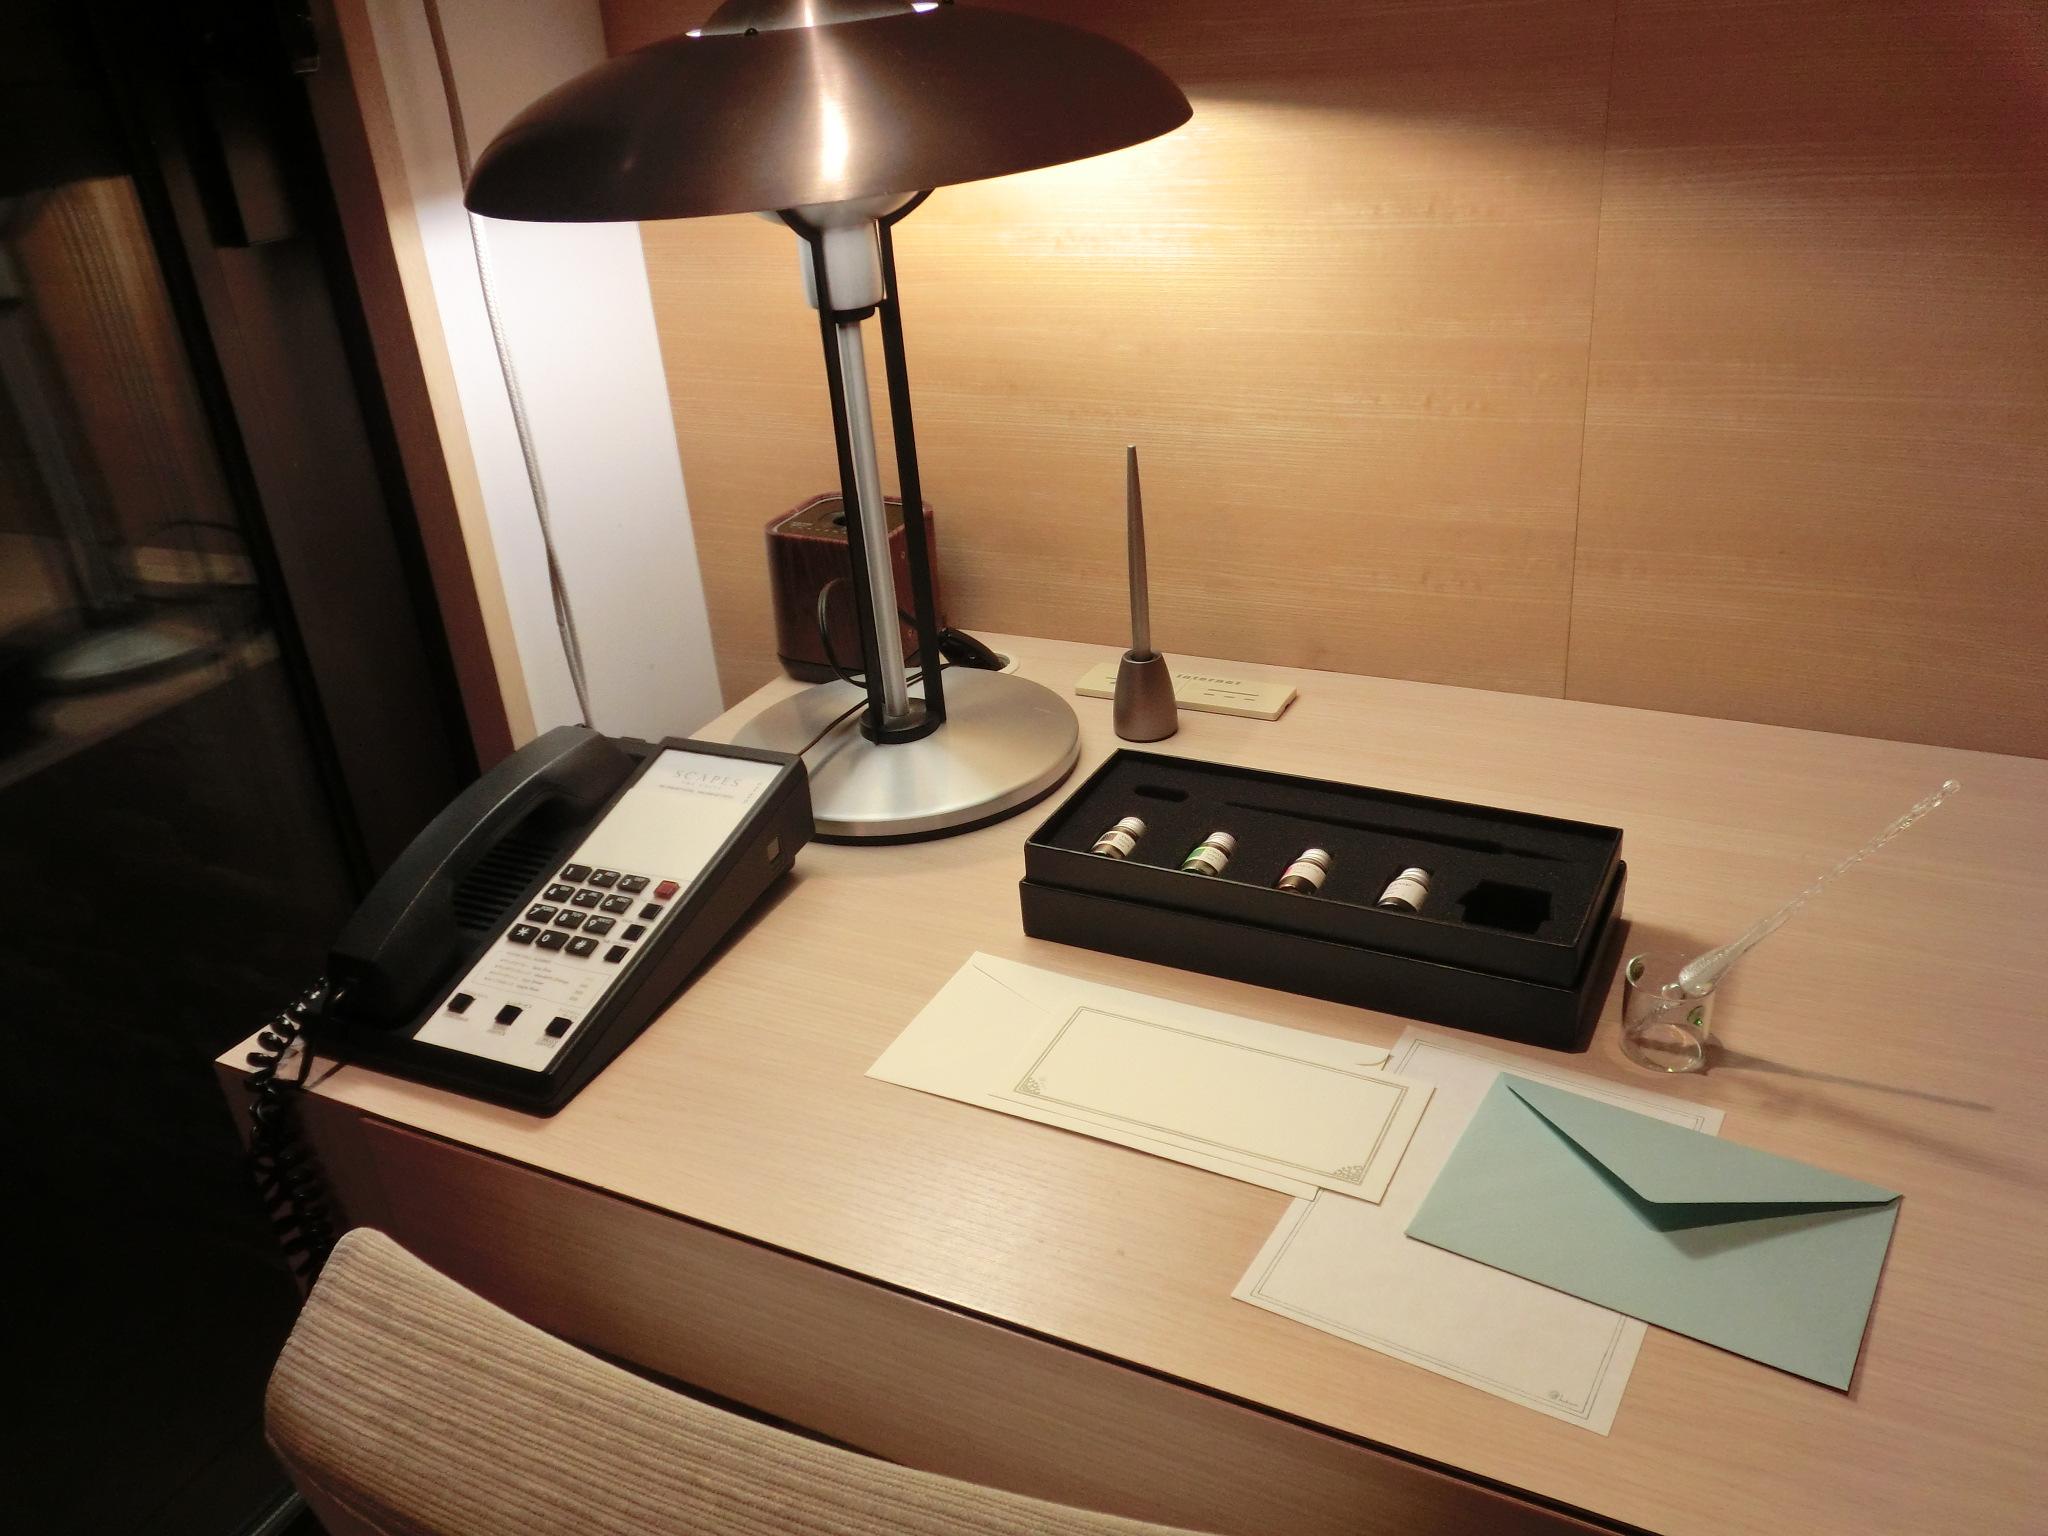 【試泊レポ】全4室スイート、葉山のデザインホテルで今こそ都会の喧騒から離れ、非日常へ